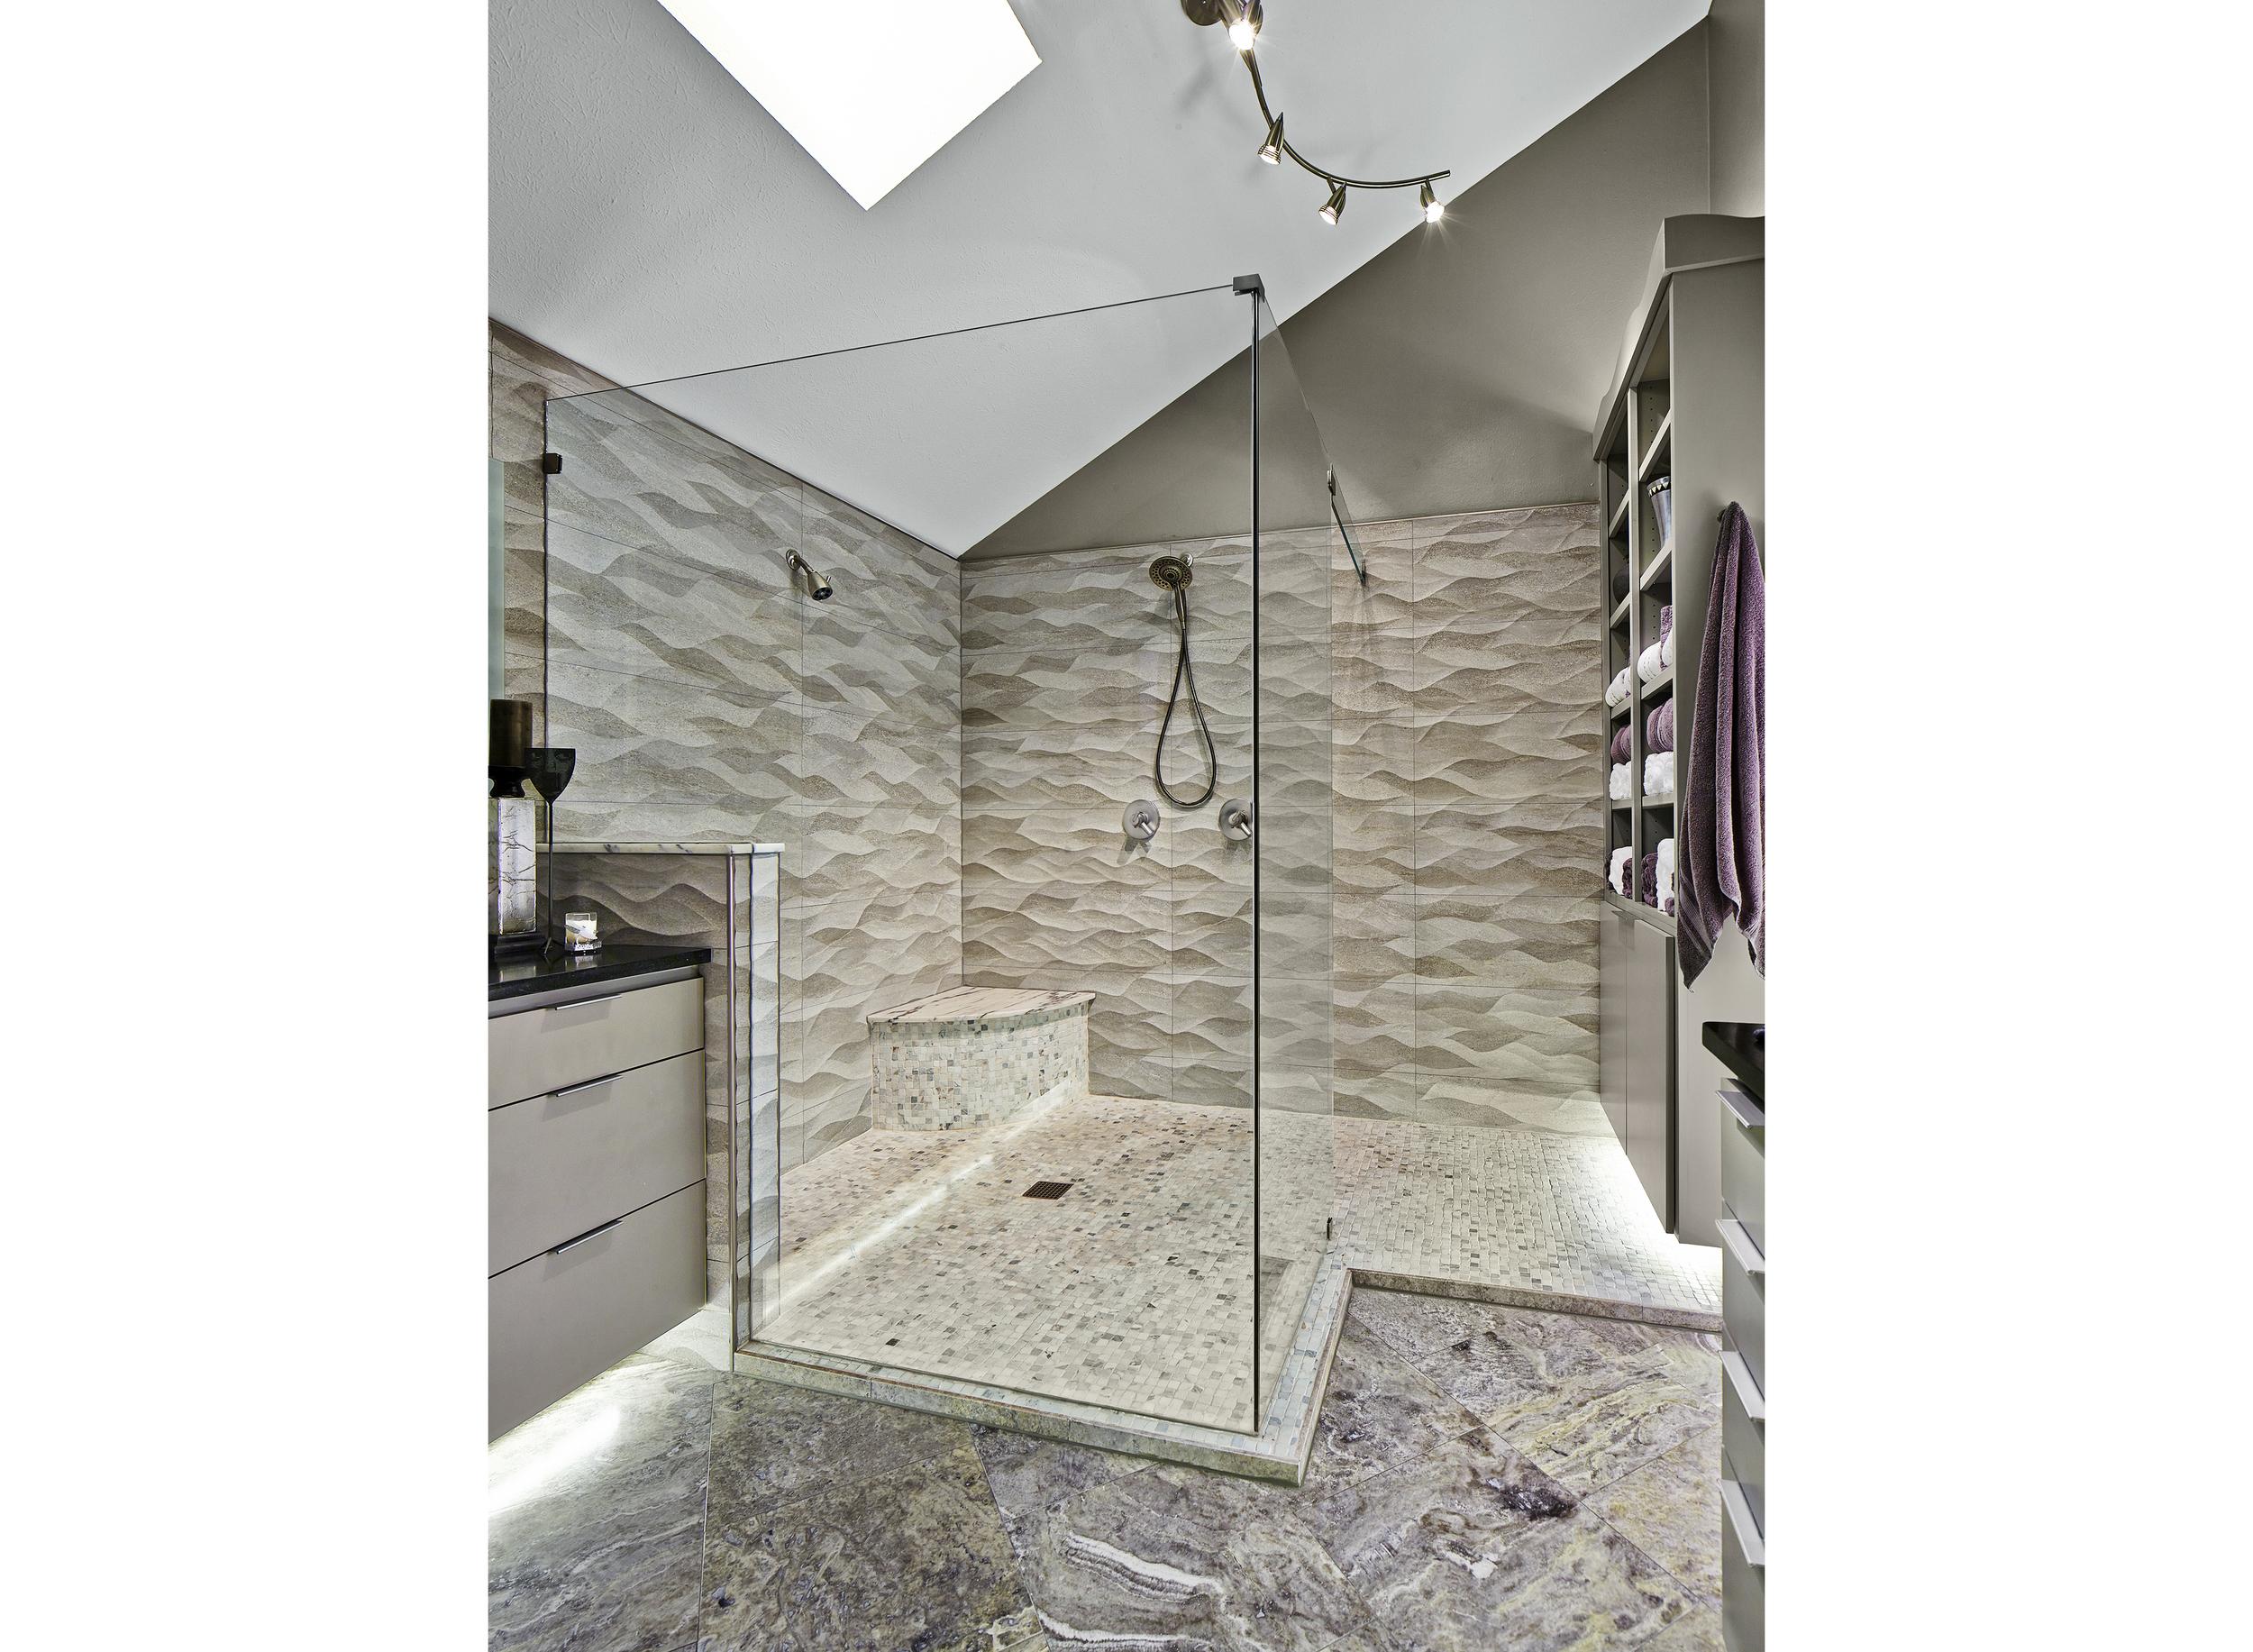 Cabriolet Bath